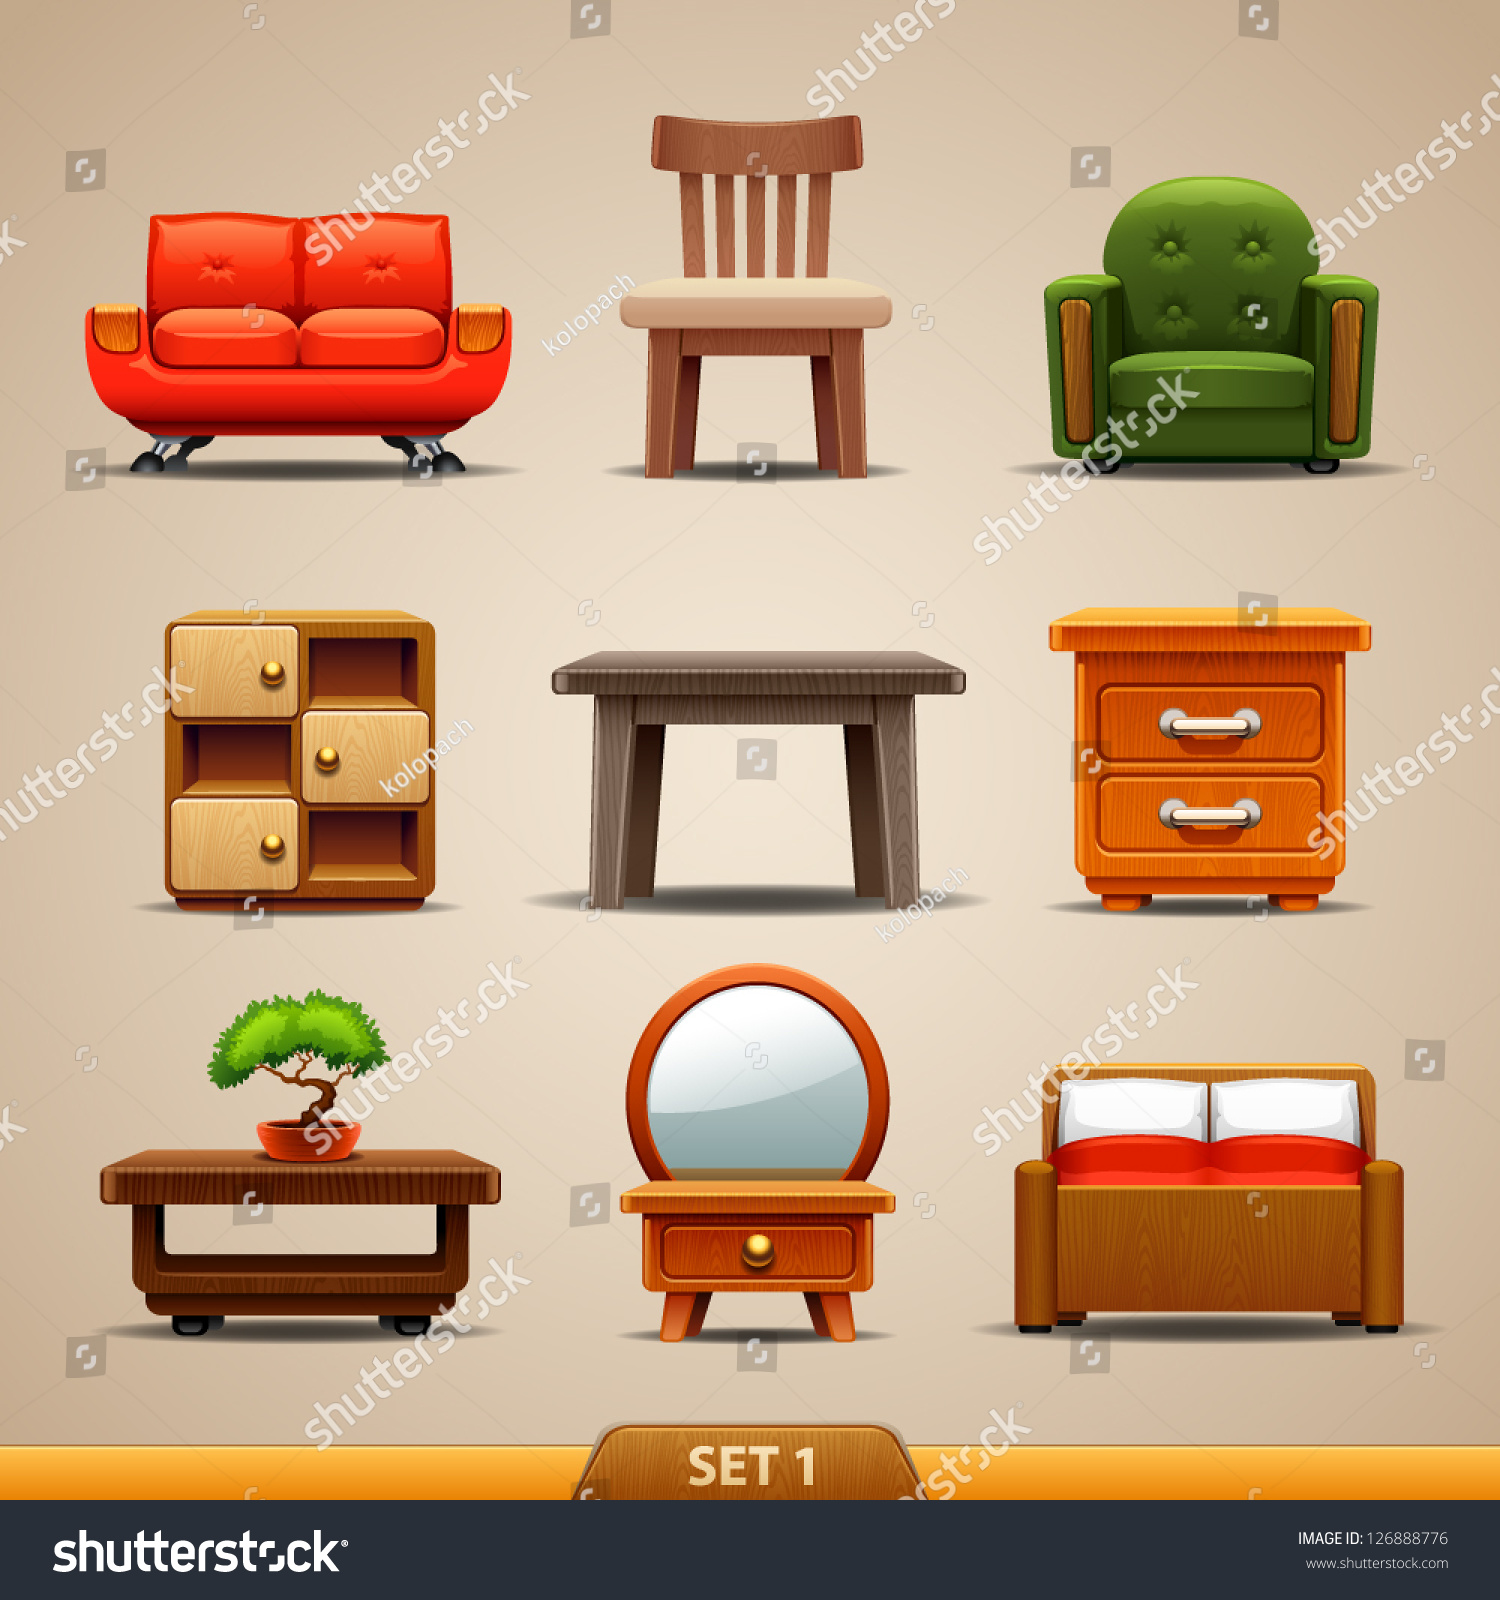 Sofa furniture фотографии, картинки, изображения и сток-фото.